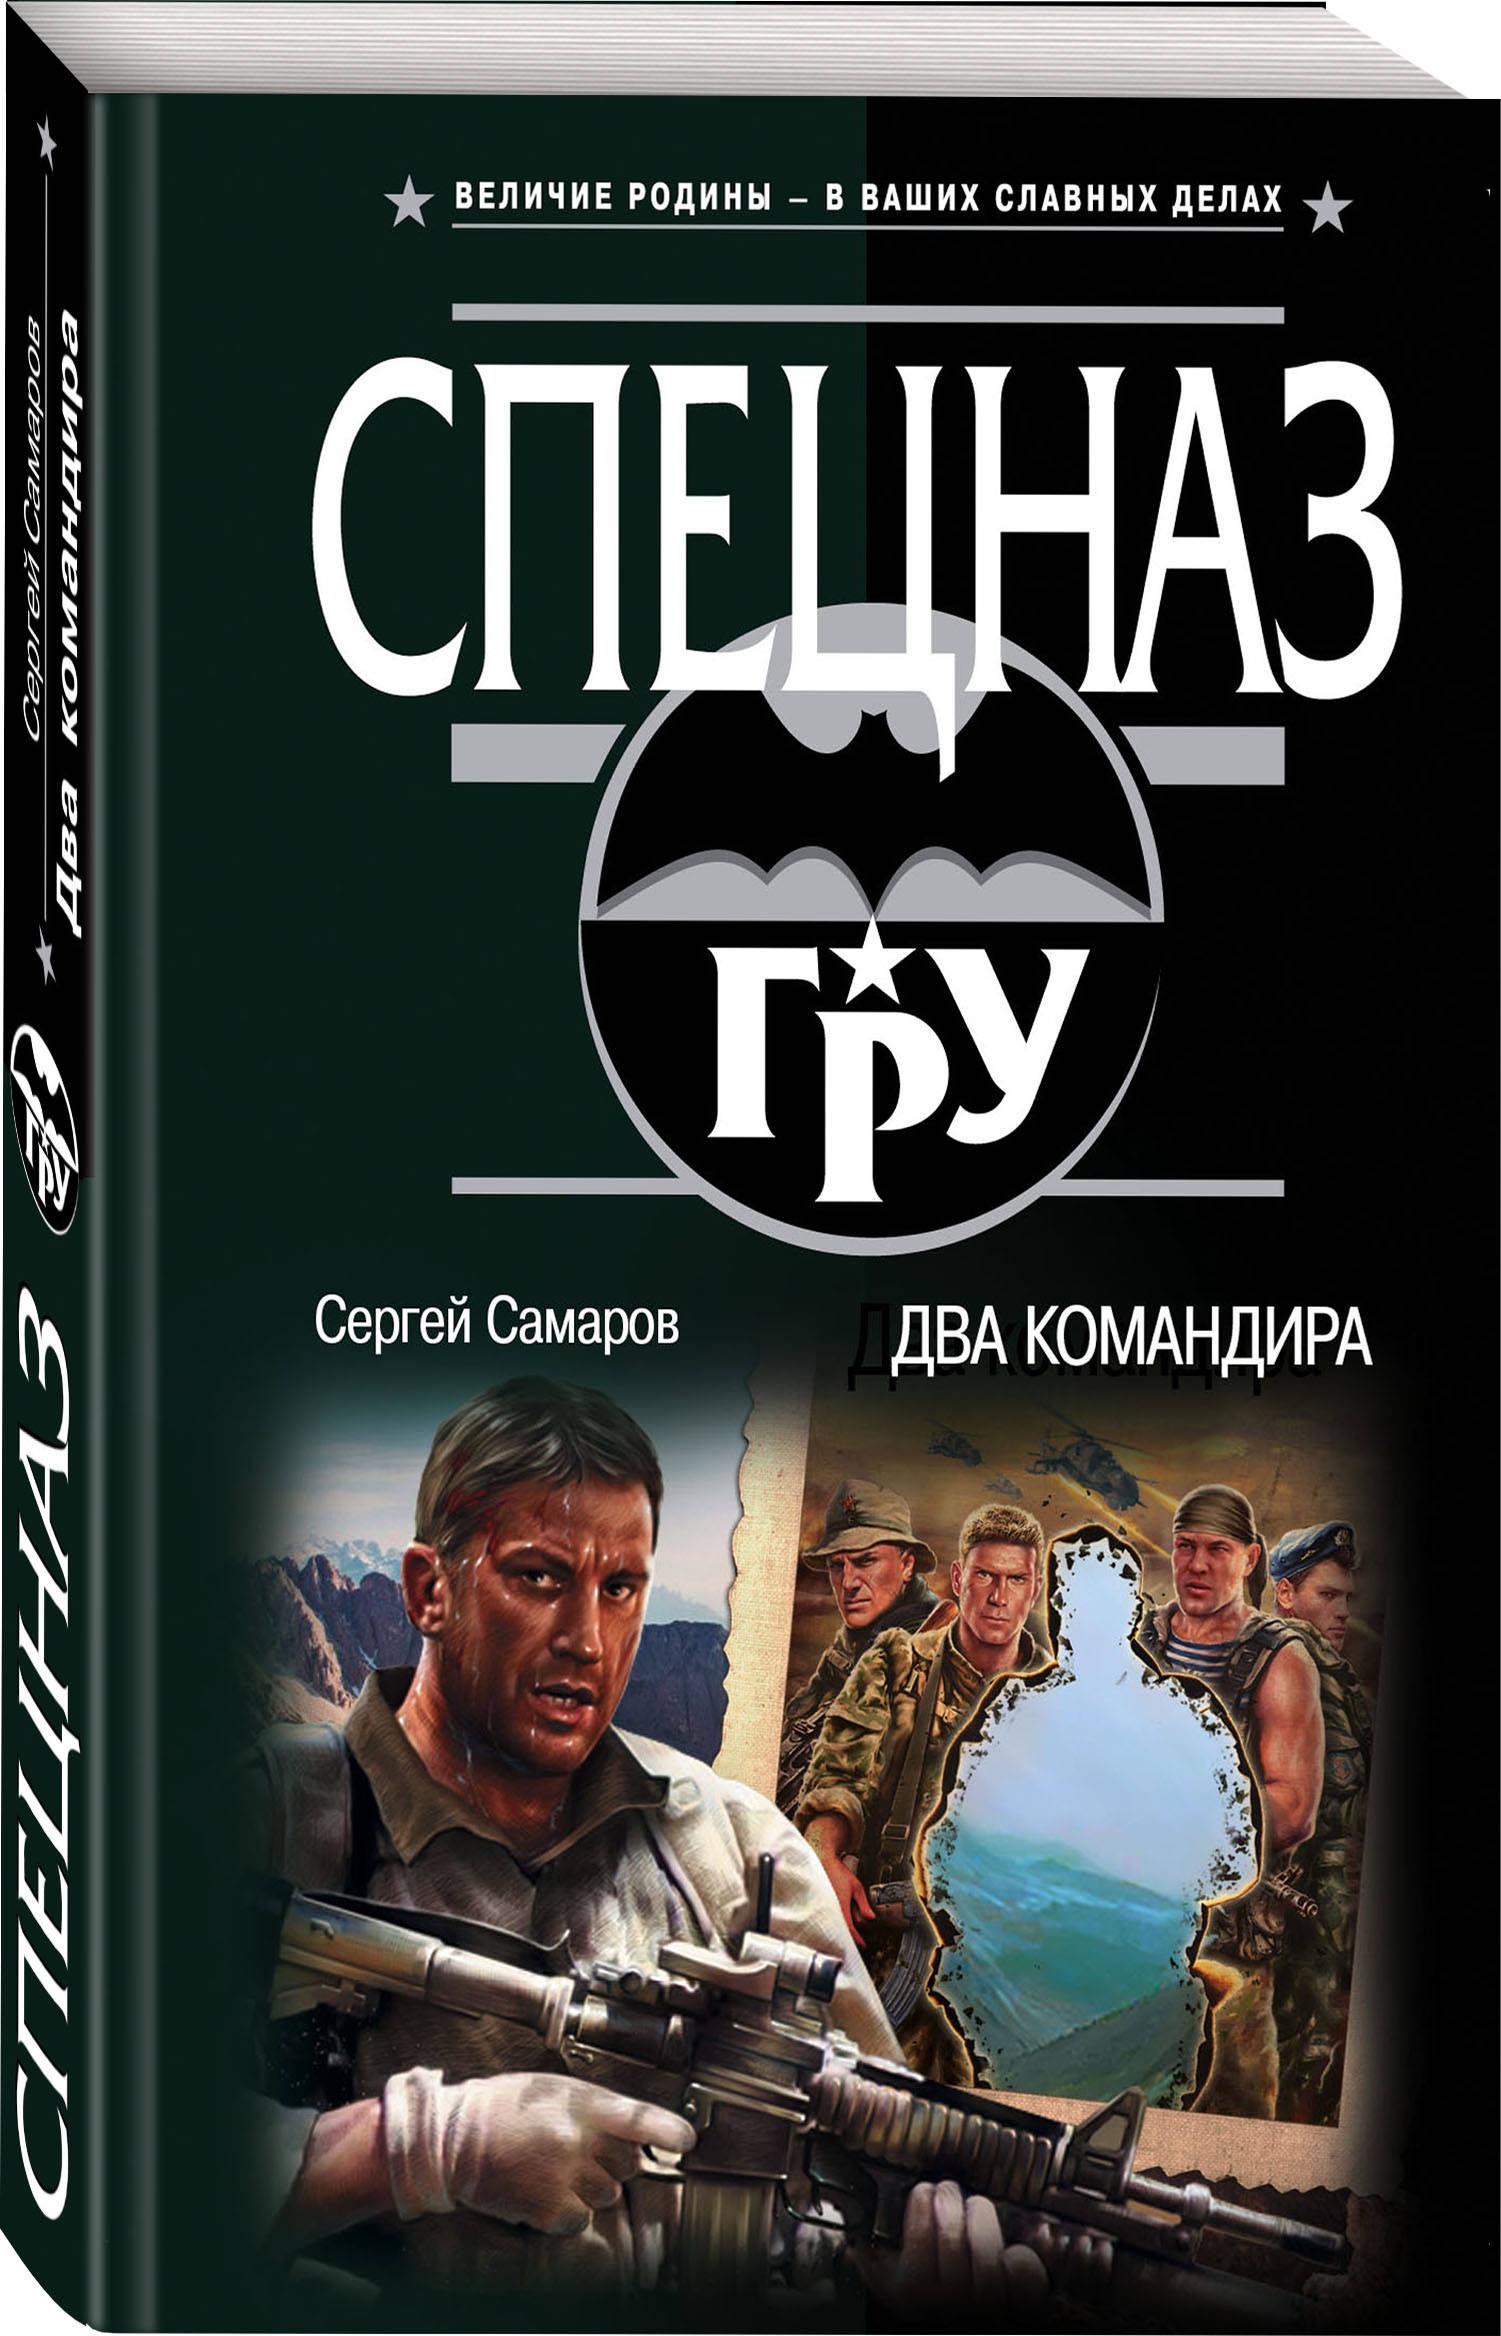 Сергей Самаров Два командира